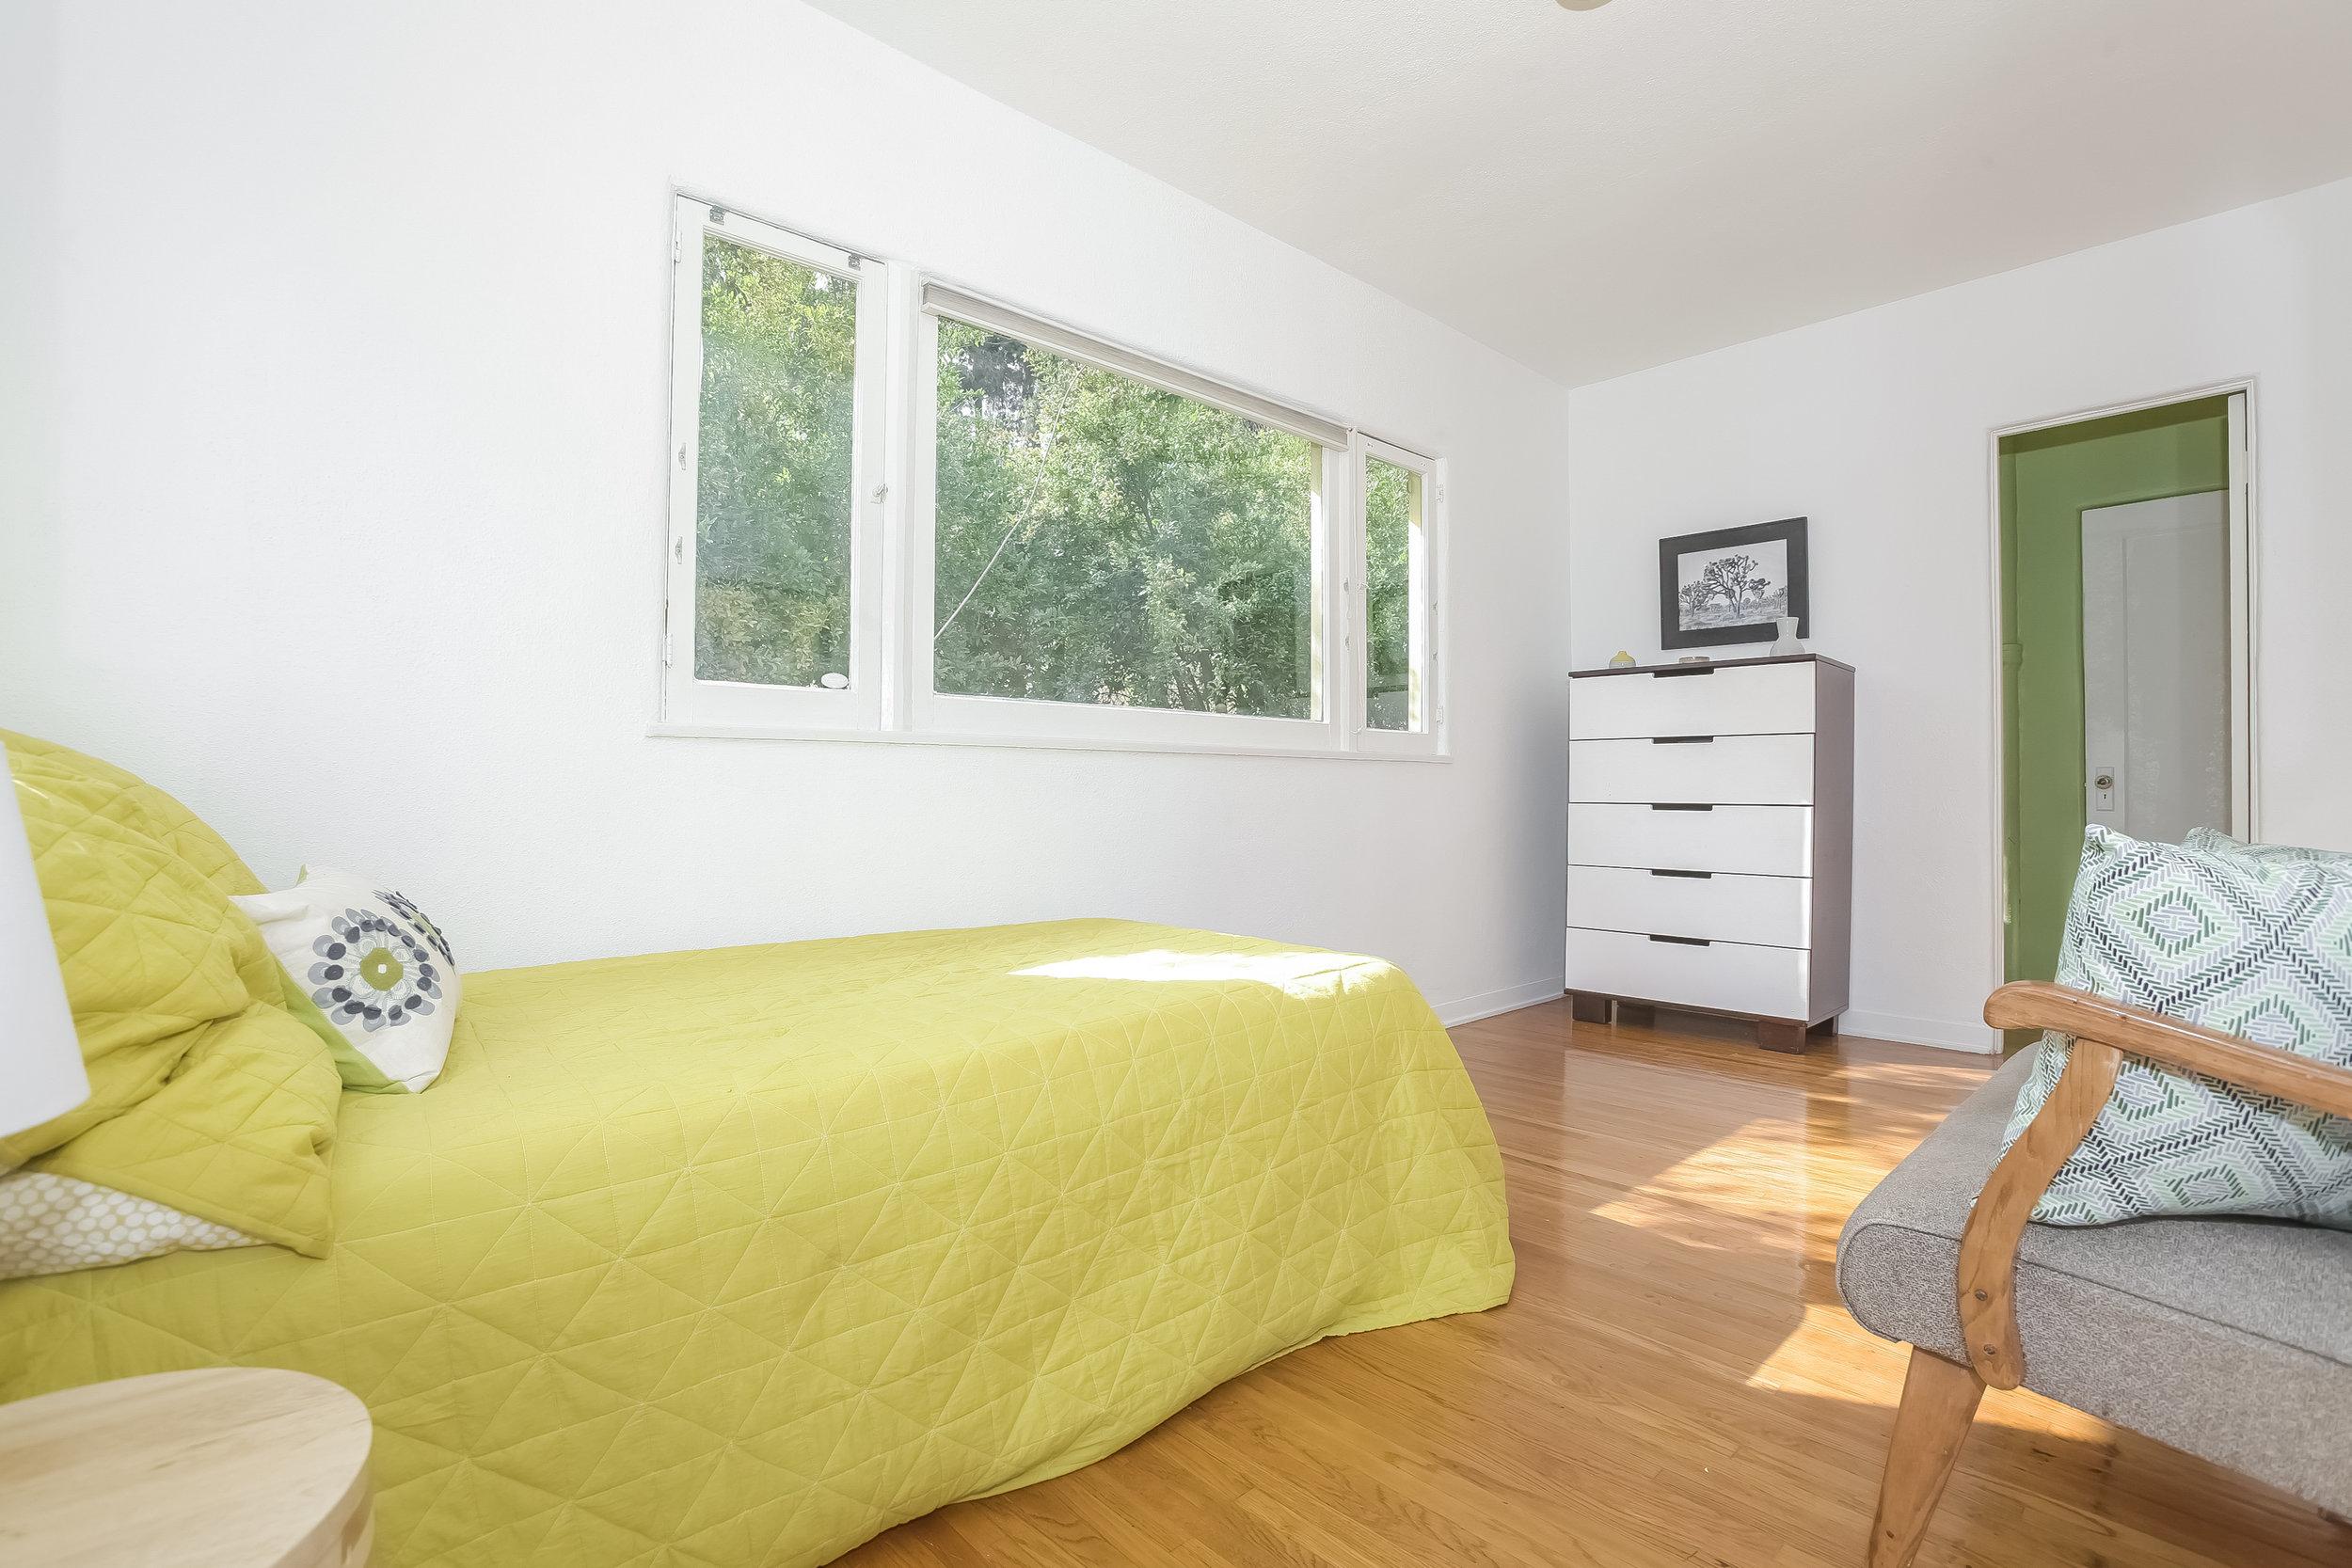 020-Bedroom-4517257-large.jpg